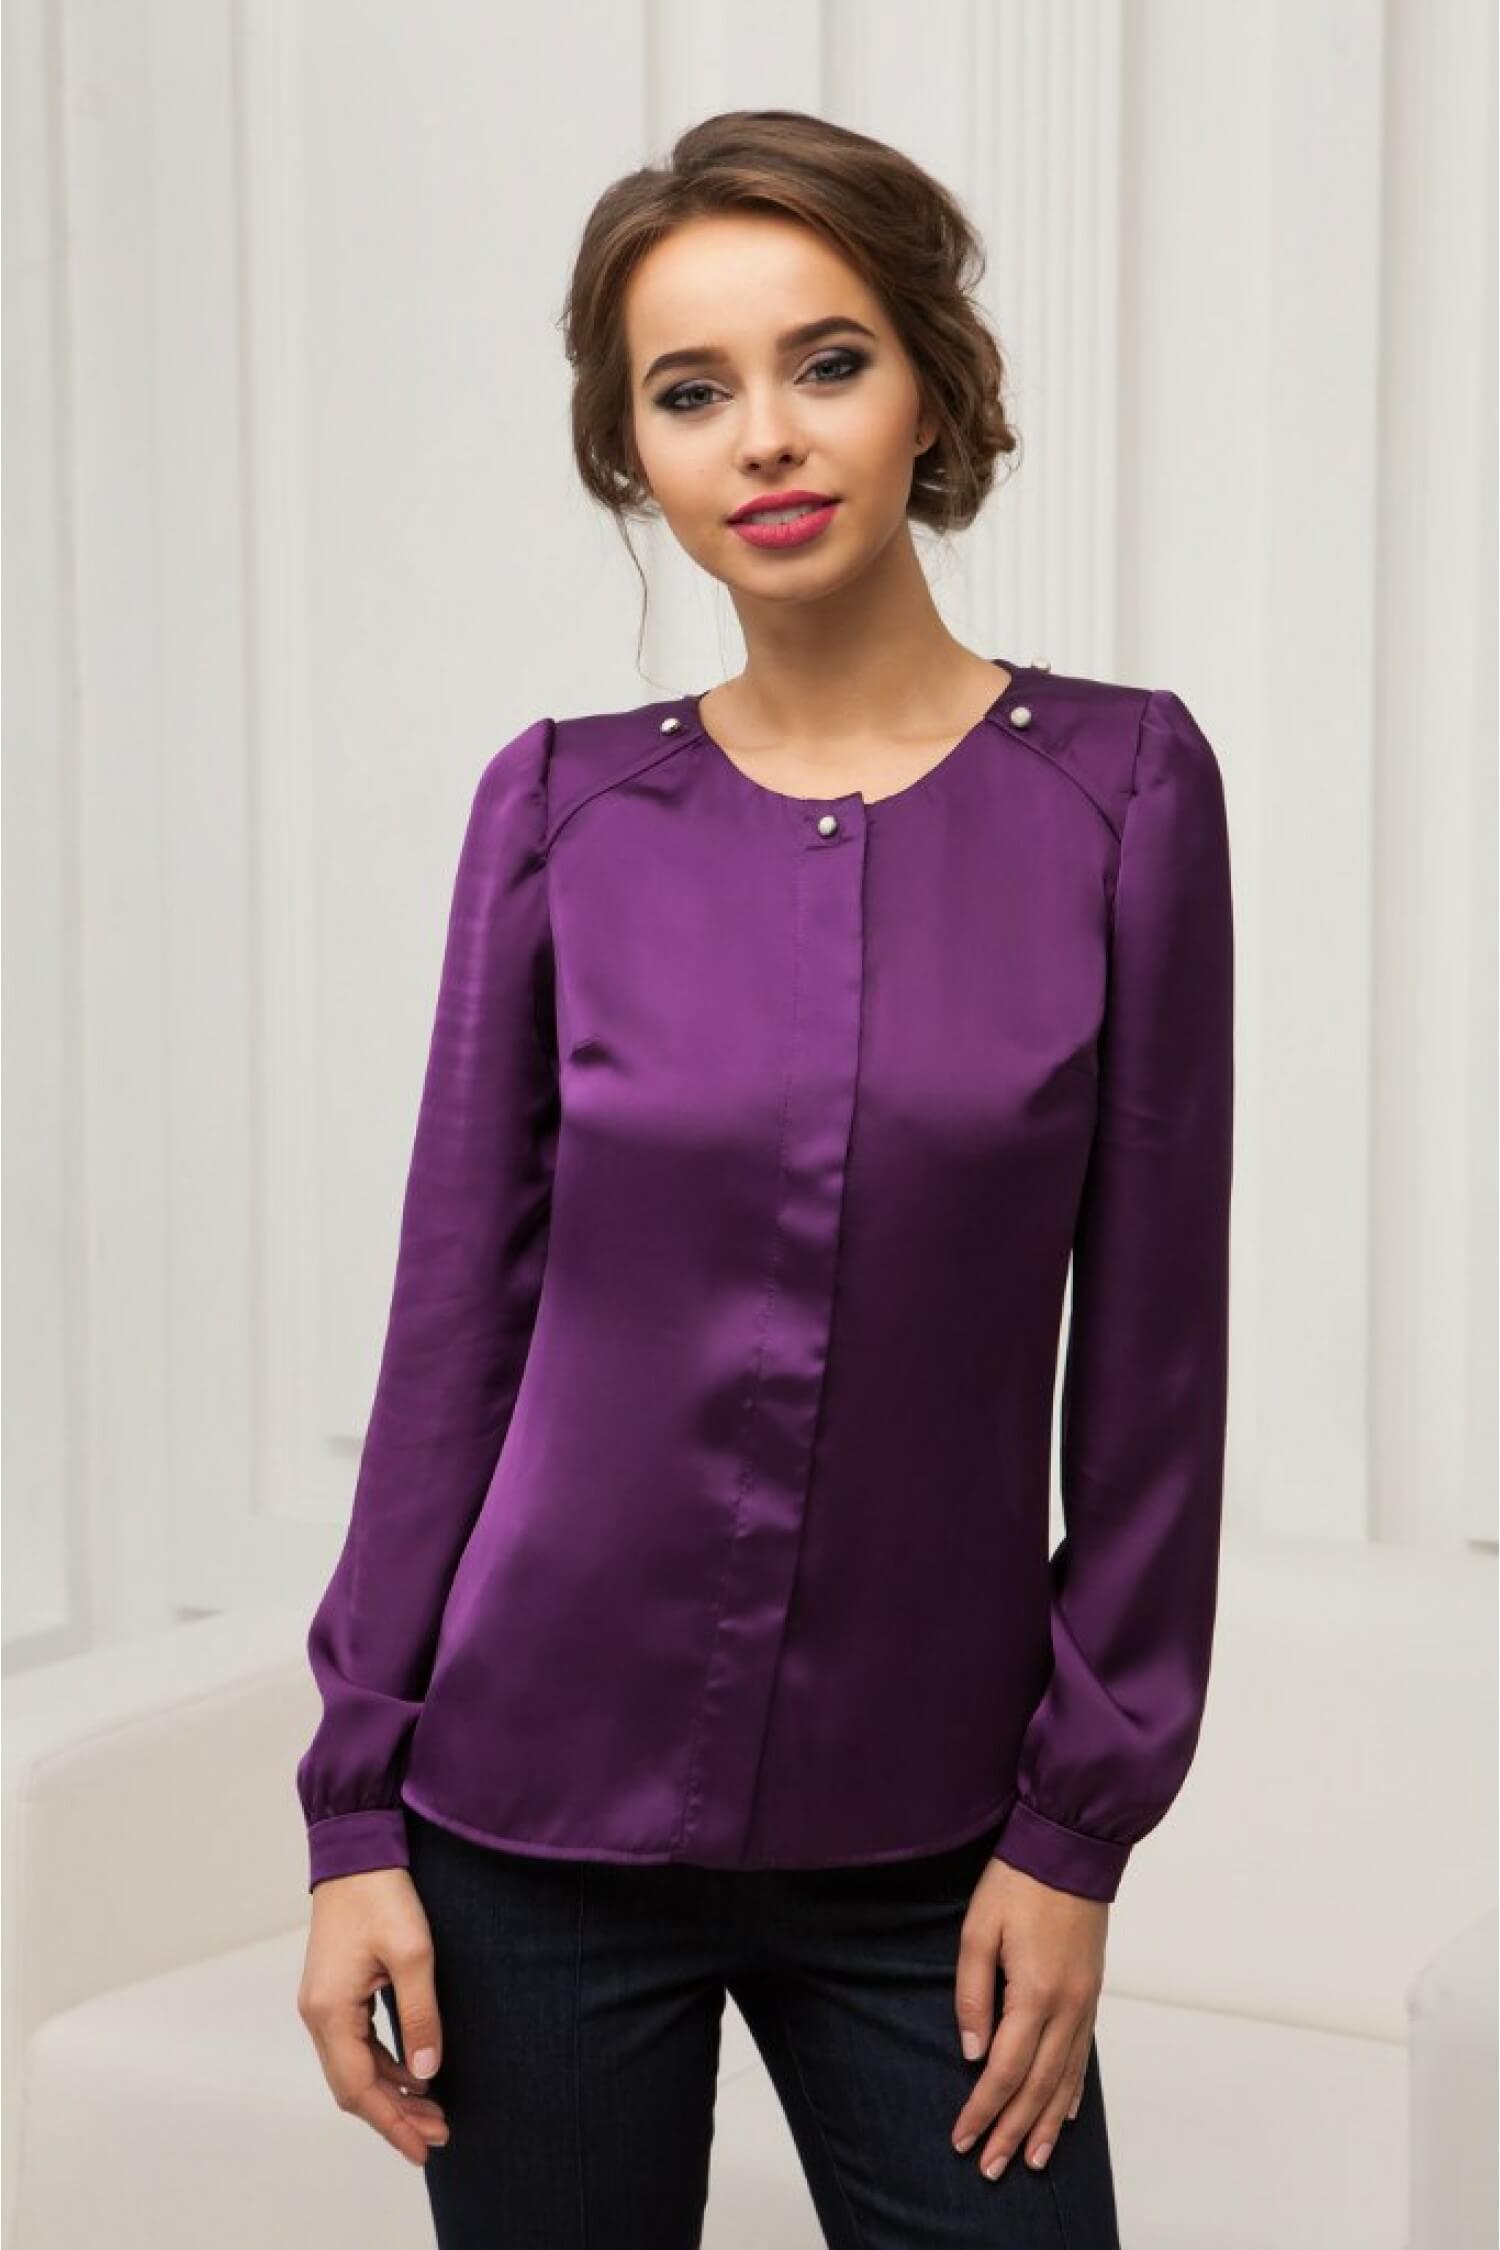 65bb03cc9cb Блузка фиолетовая WN16-Brz купить в Киеве и Украине